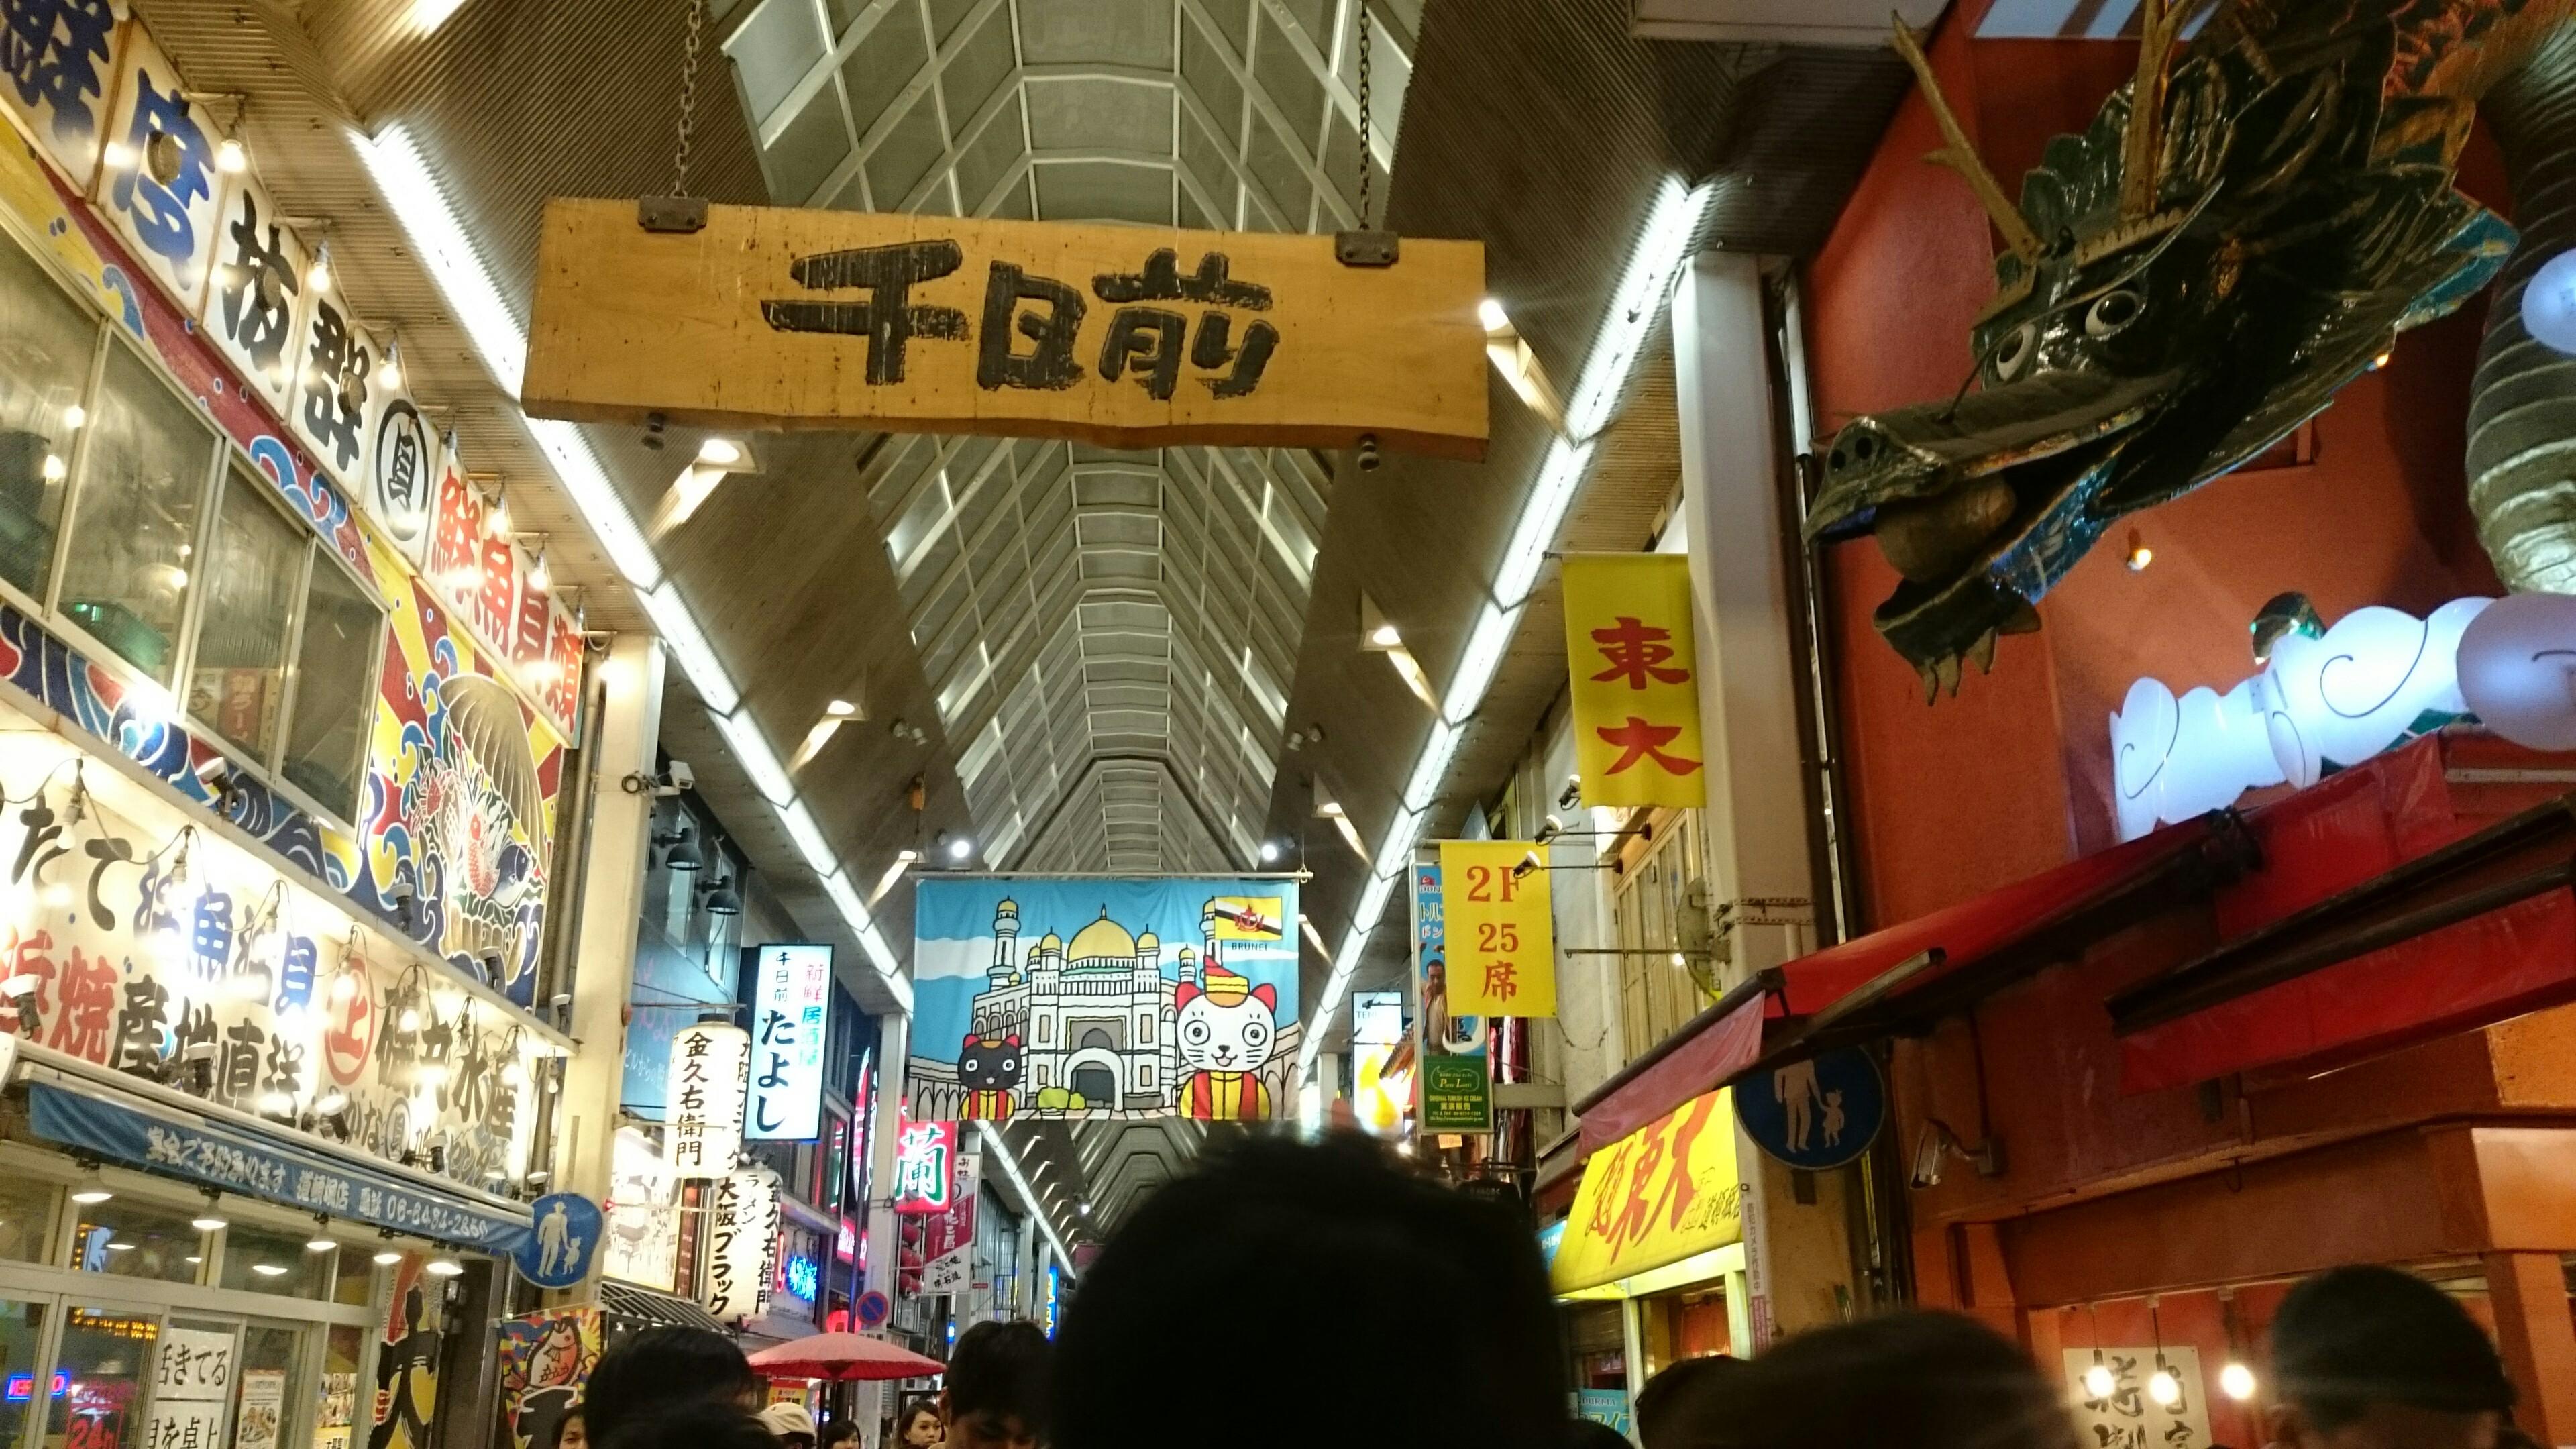 f:id:shiika-0620:20170426183822j:image